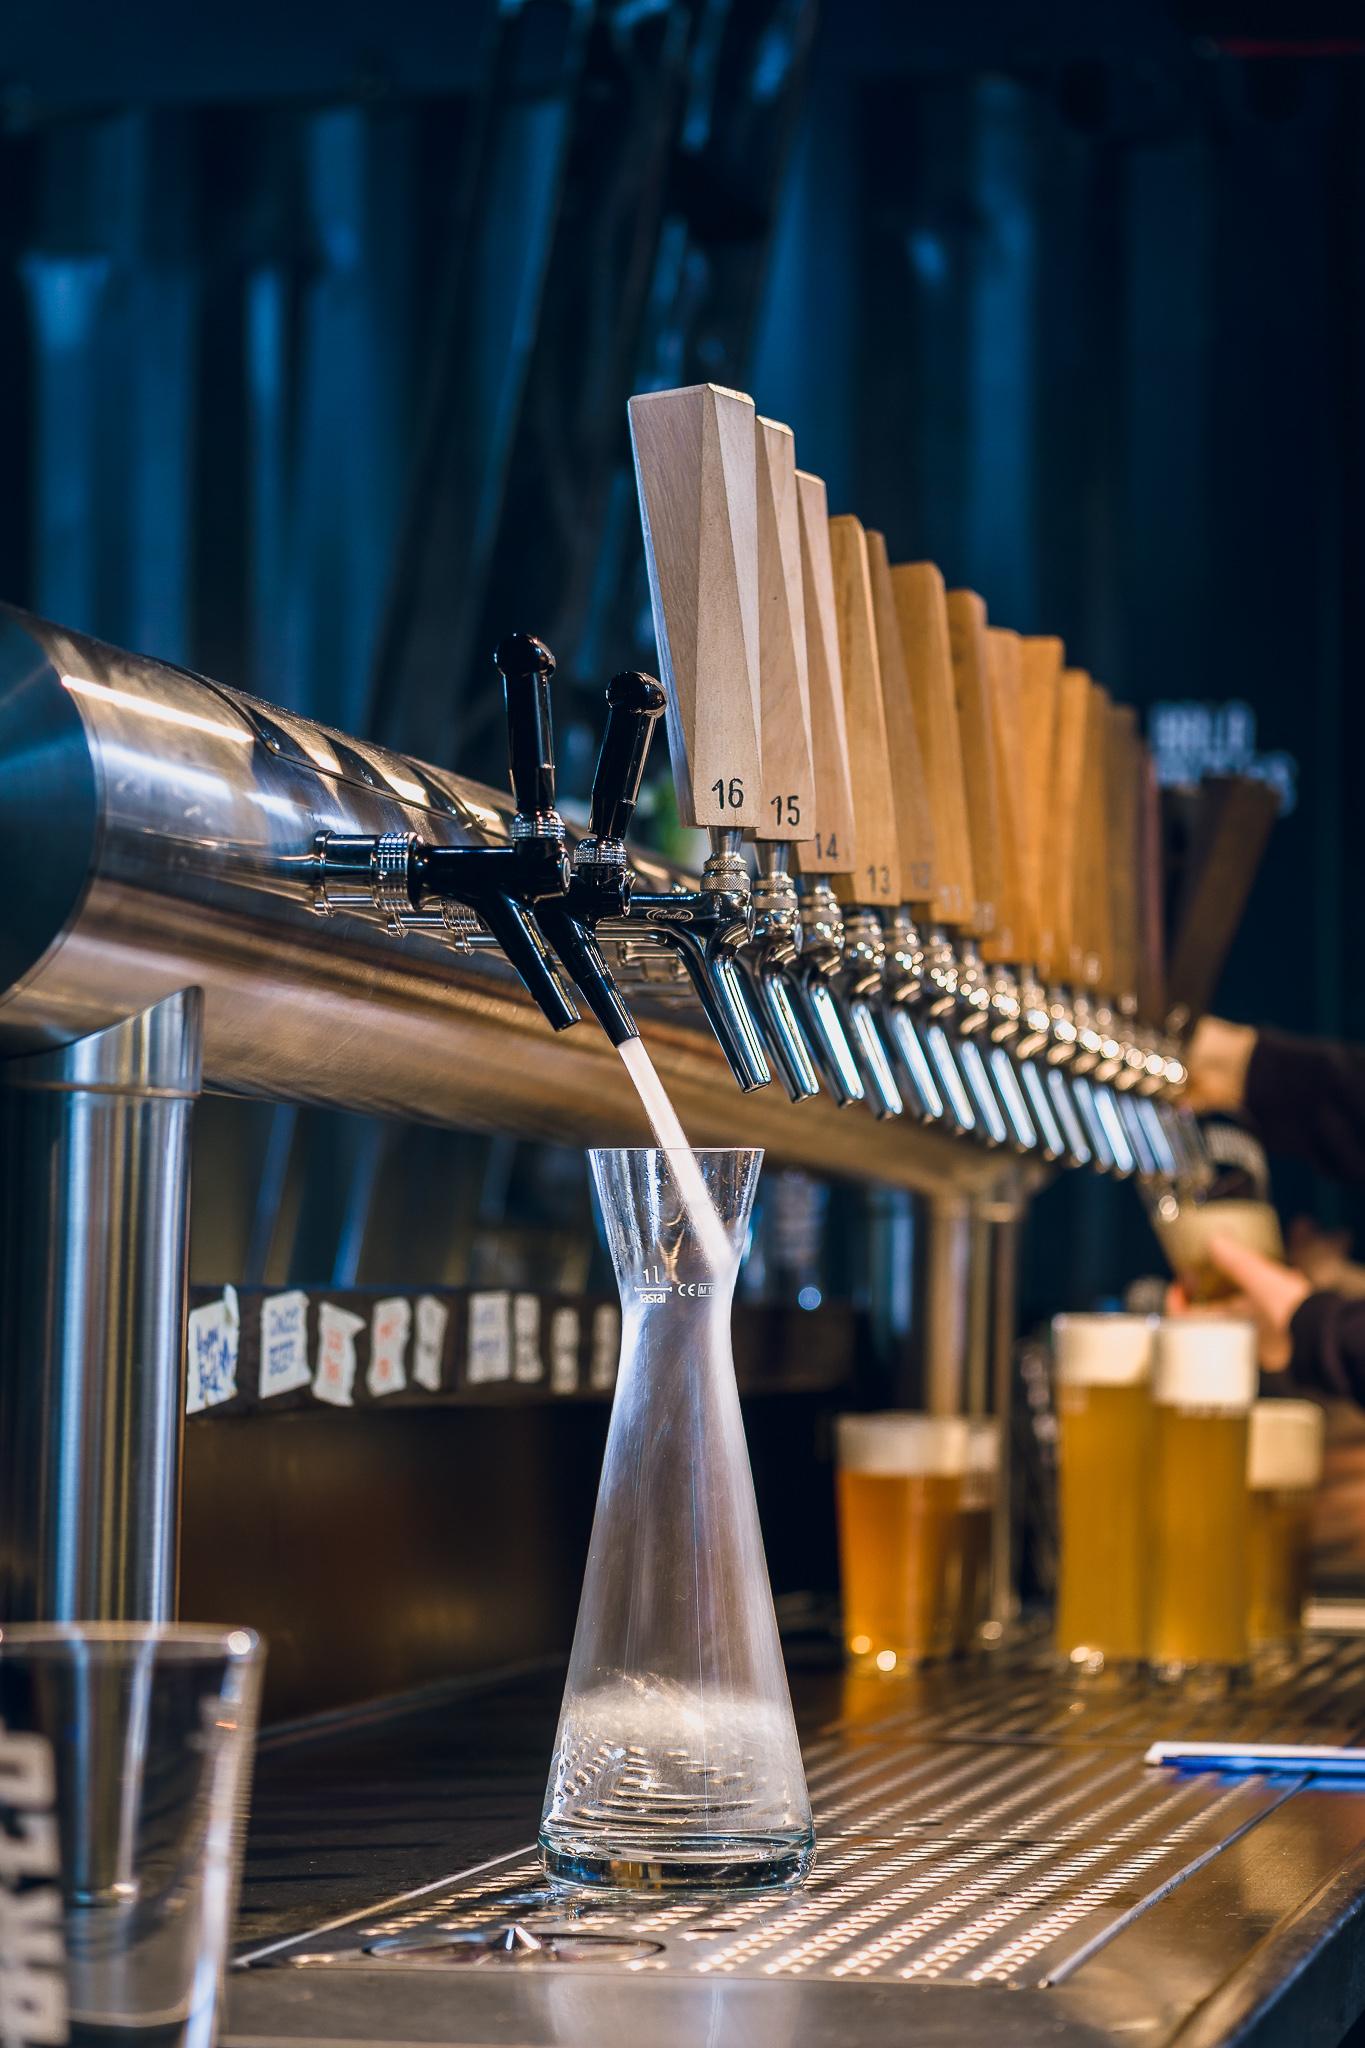 BRLO Brwhouse Schankanlage für 16 Biere und zwei verscheidene Wässer